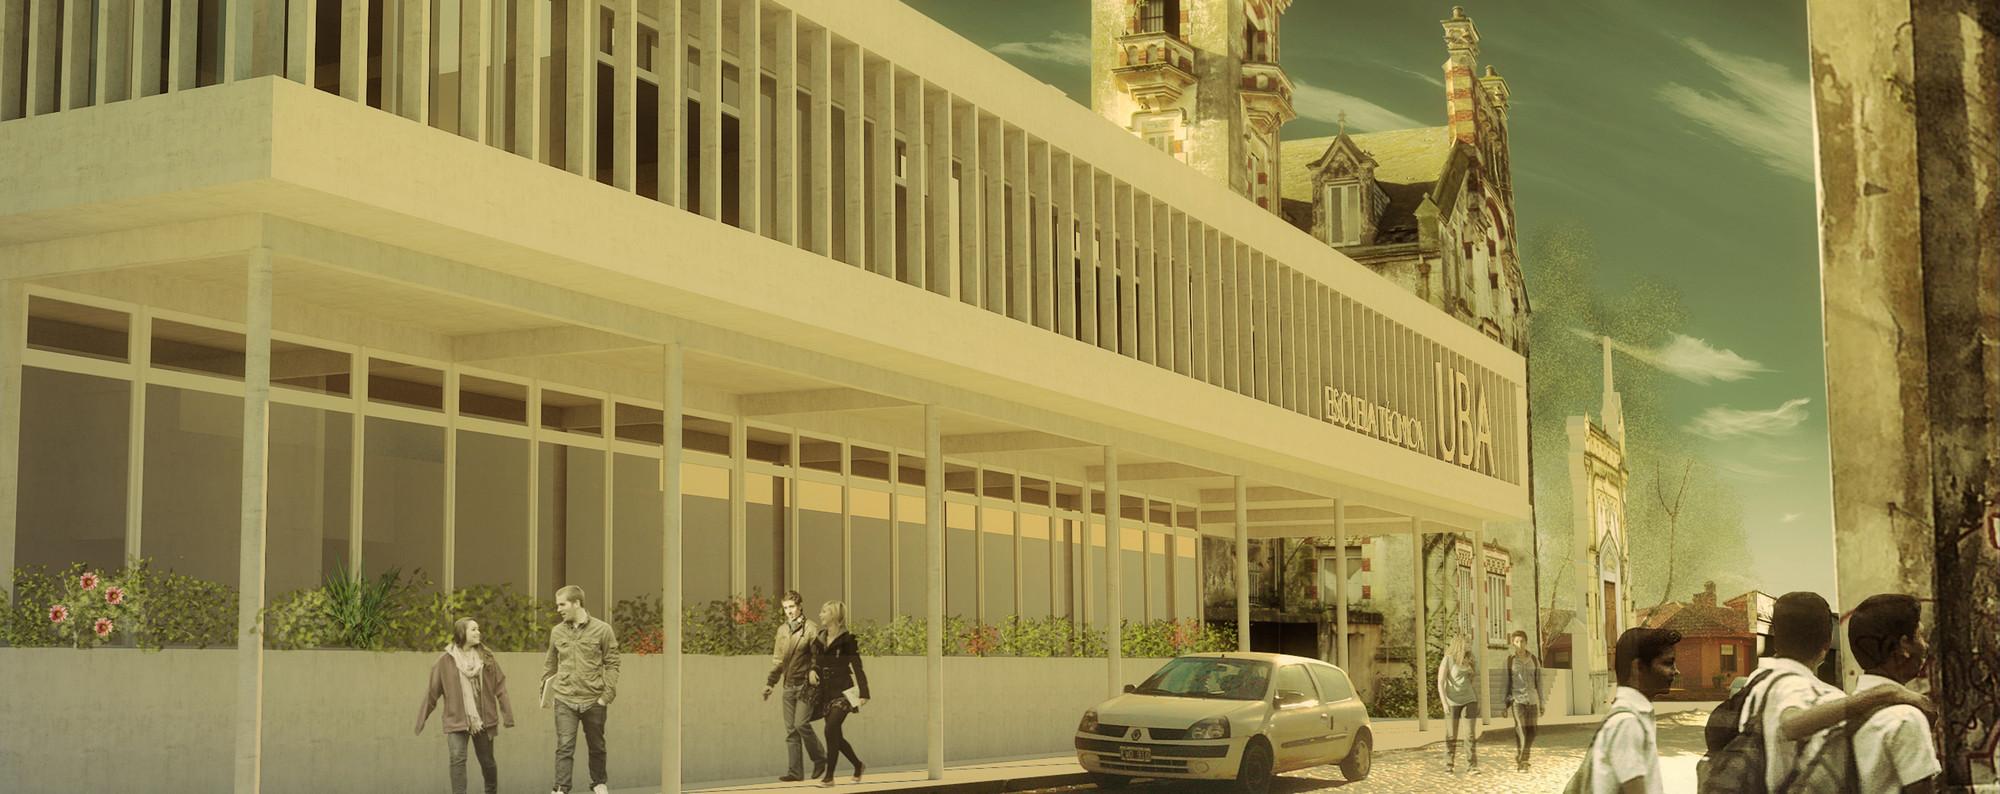 """Primer Lugar Concurso Nacional """"Clarin-SCA para estudiantes de Arquitectura, Edición 2013"""" / Argentina, Courtesy of Agostina Sambataro"""